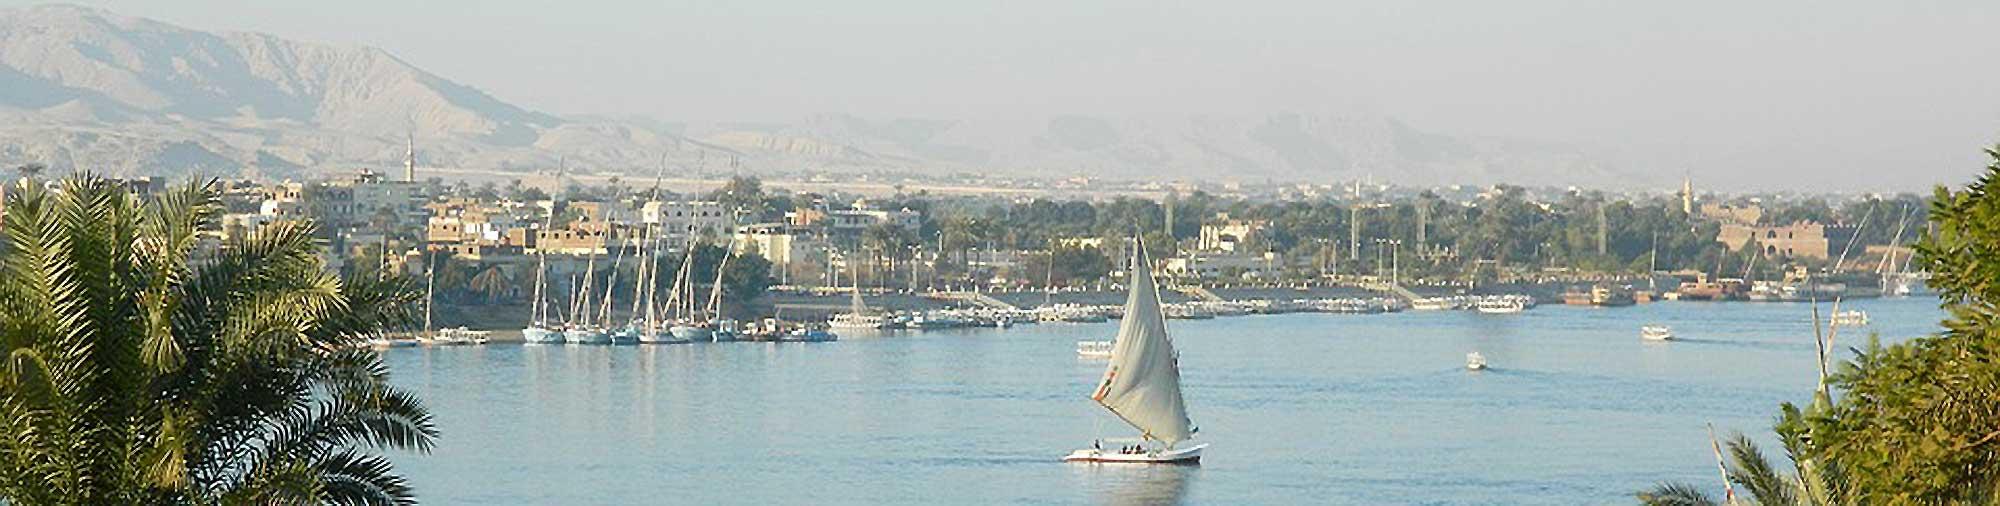 Egyptische Nijldelta bedreigd door opwarming aarde